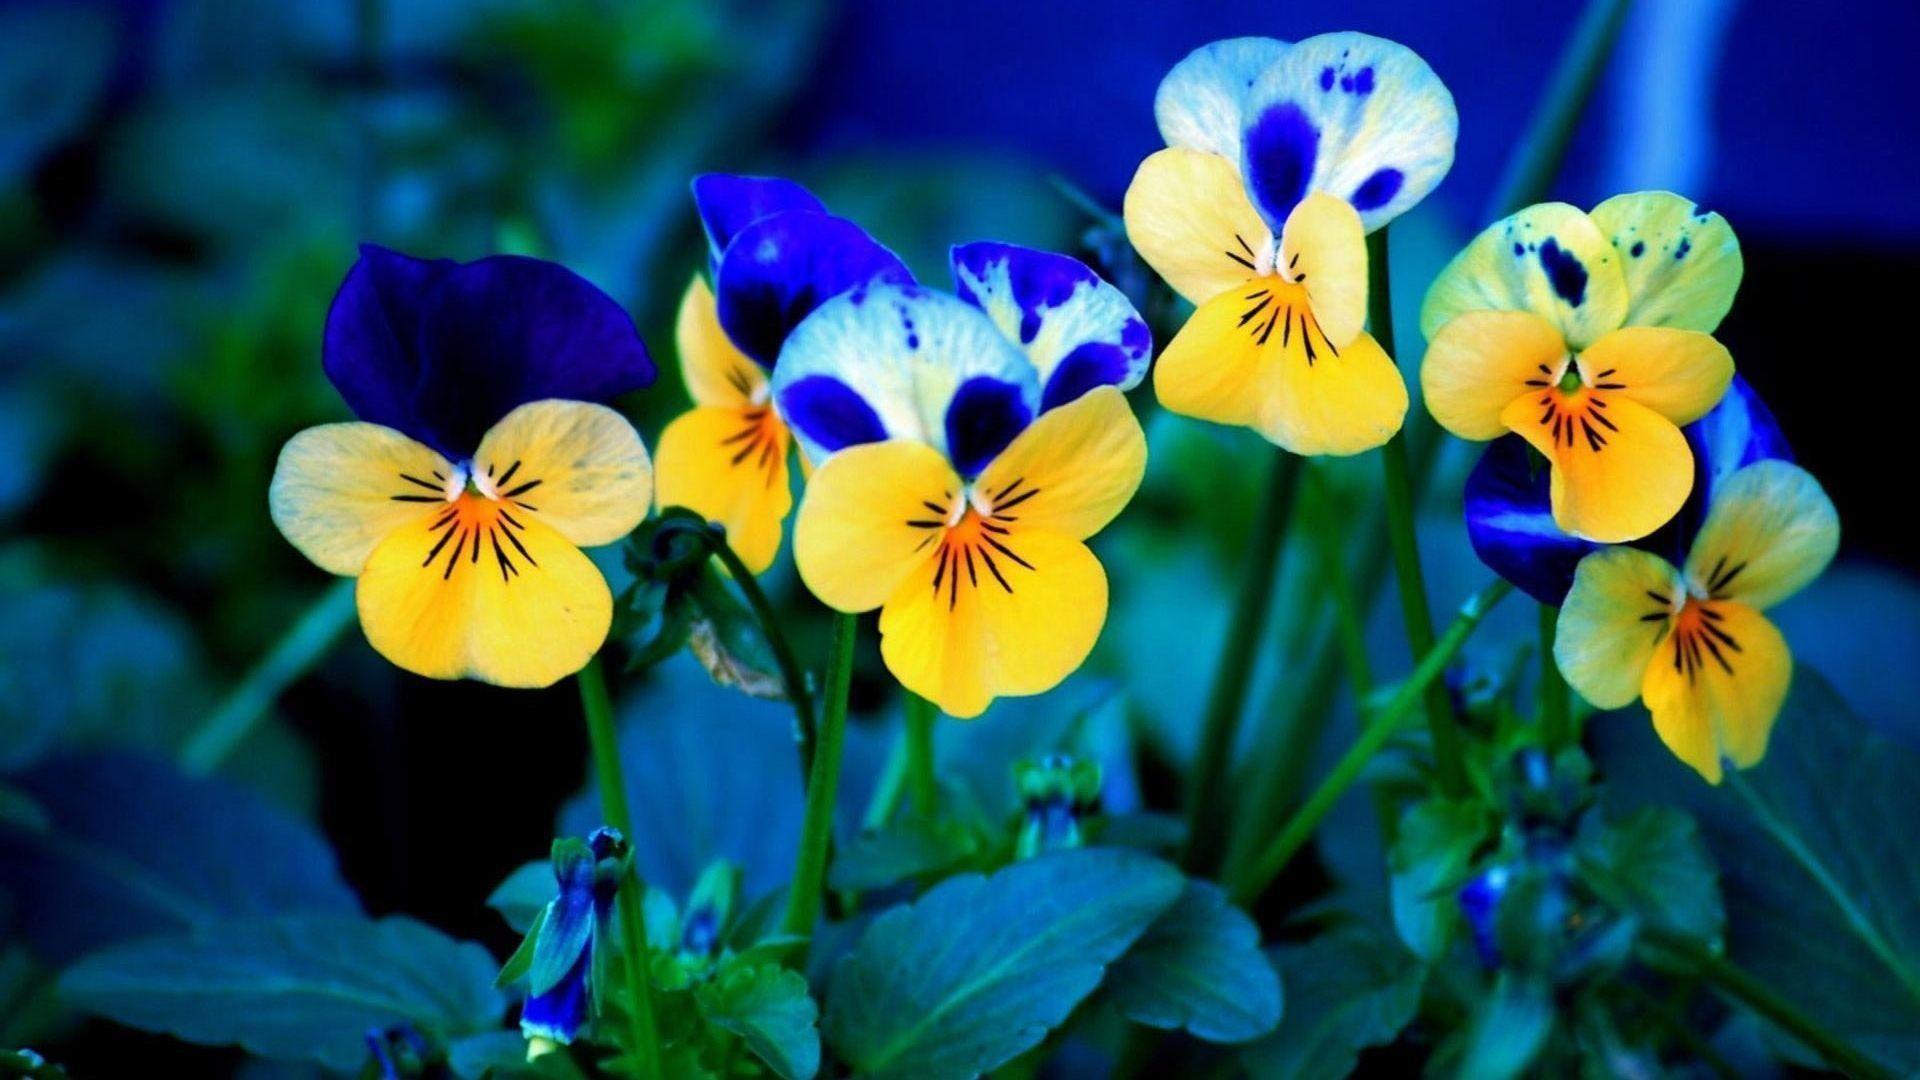 Beautiful Nature Puter Wallpaper Hd Desktop 10 HD Wallpapers   Eakai.